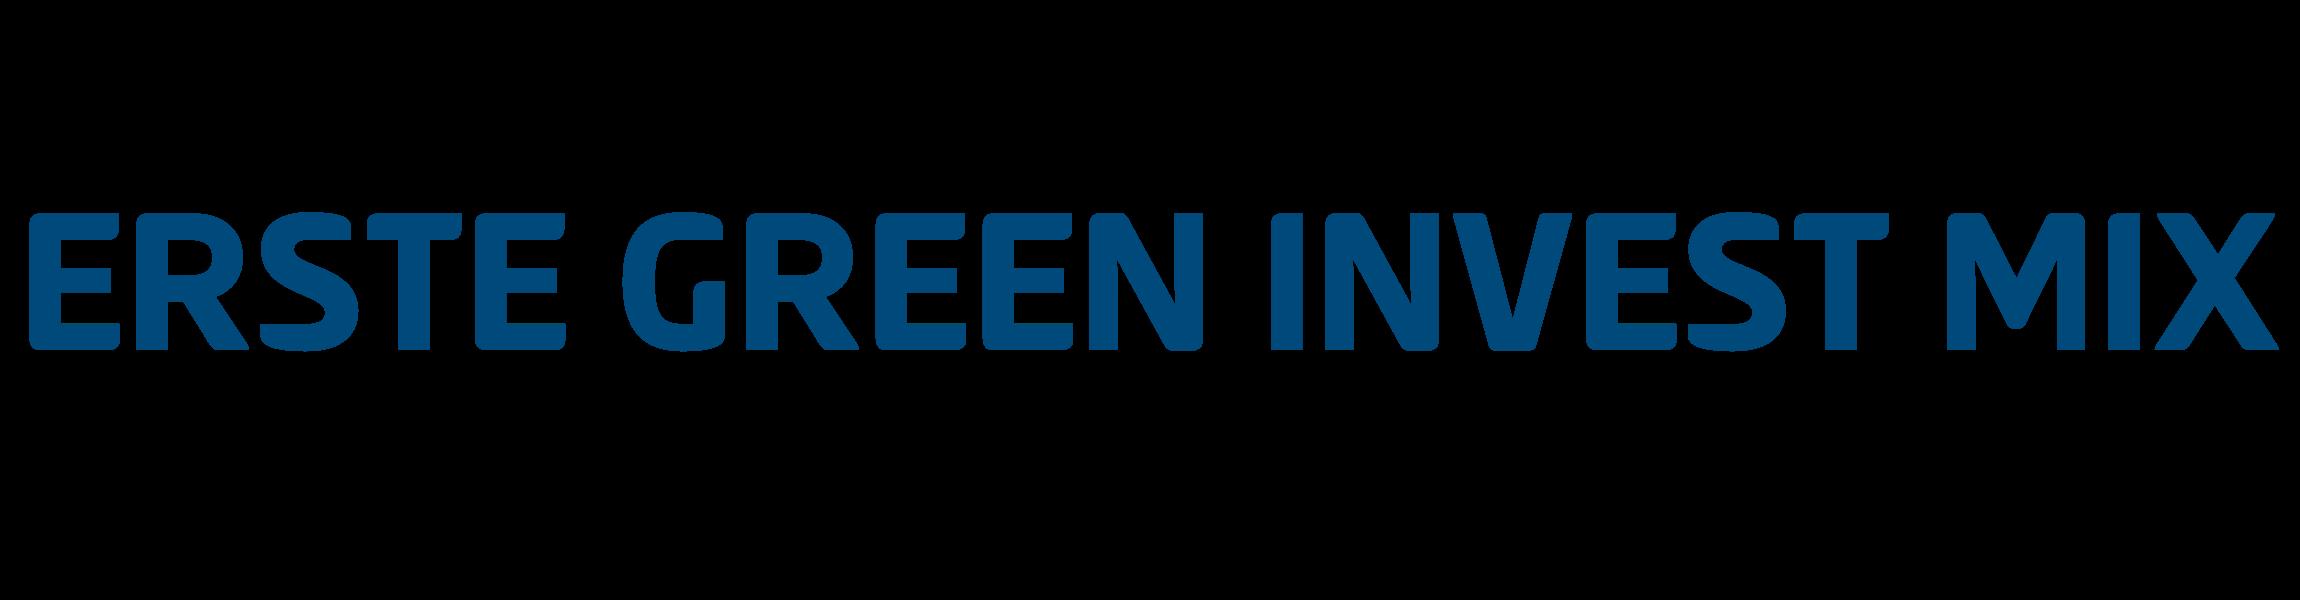 ERSTE GREEN INVEST MIX